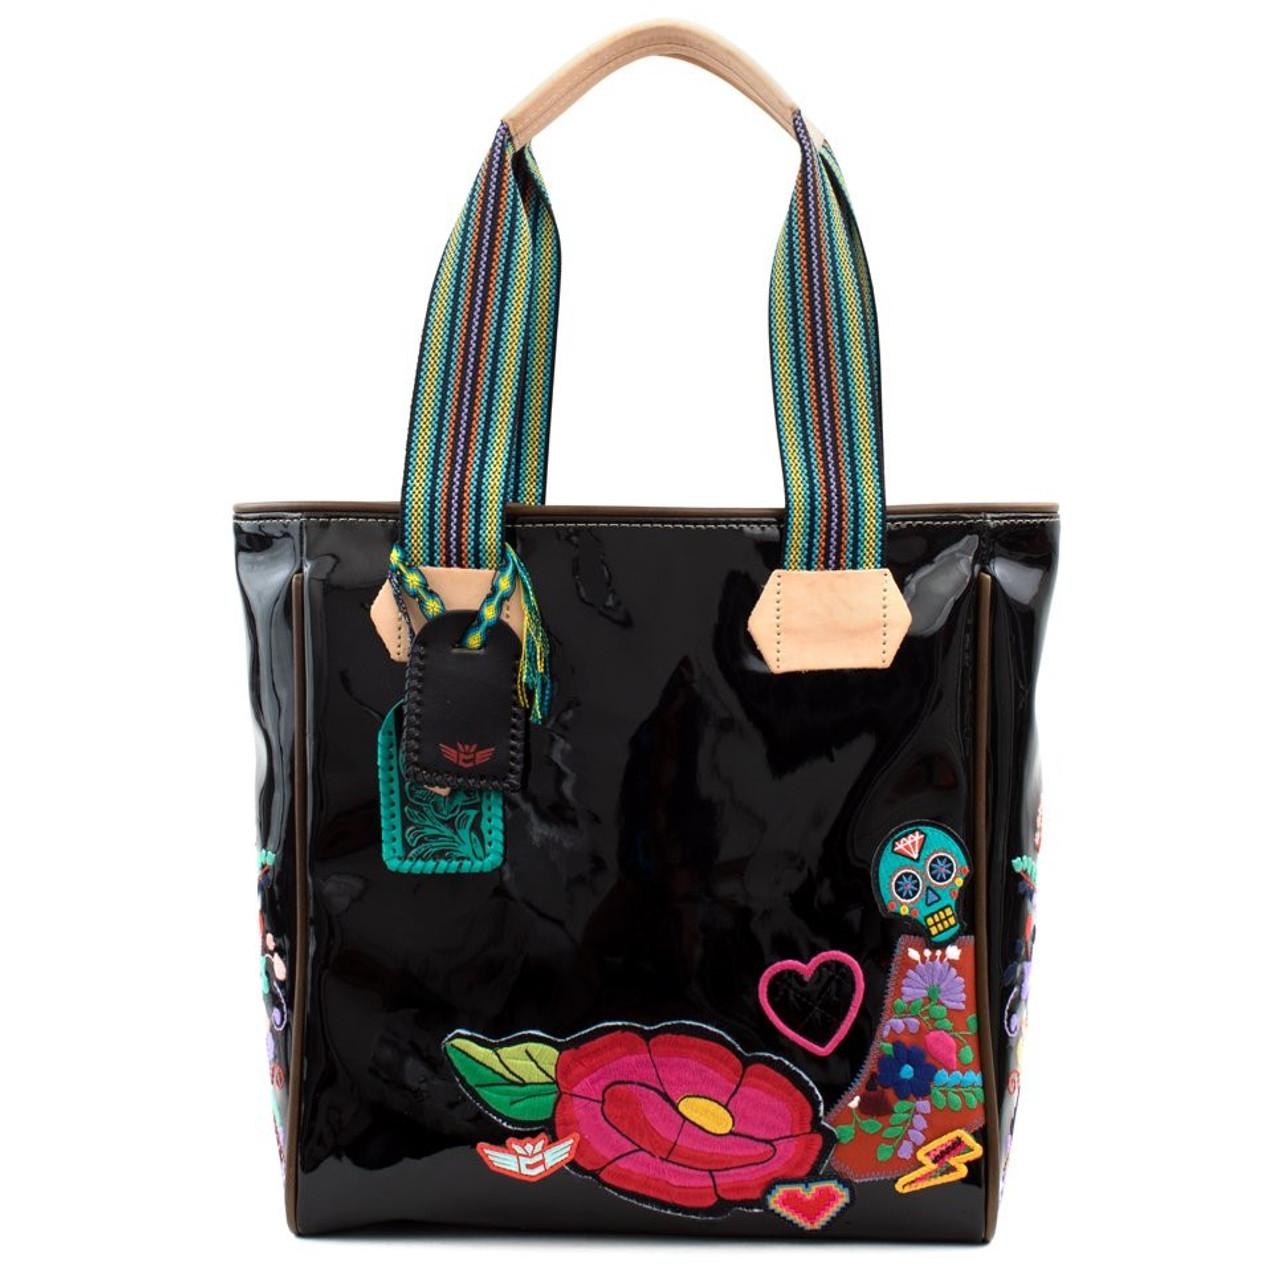 consuela the official site for consuela handbags and